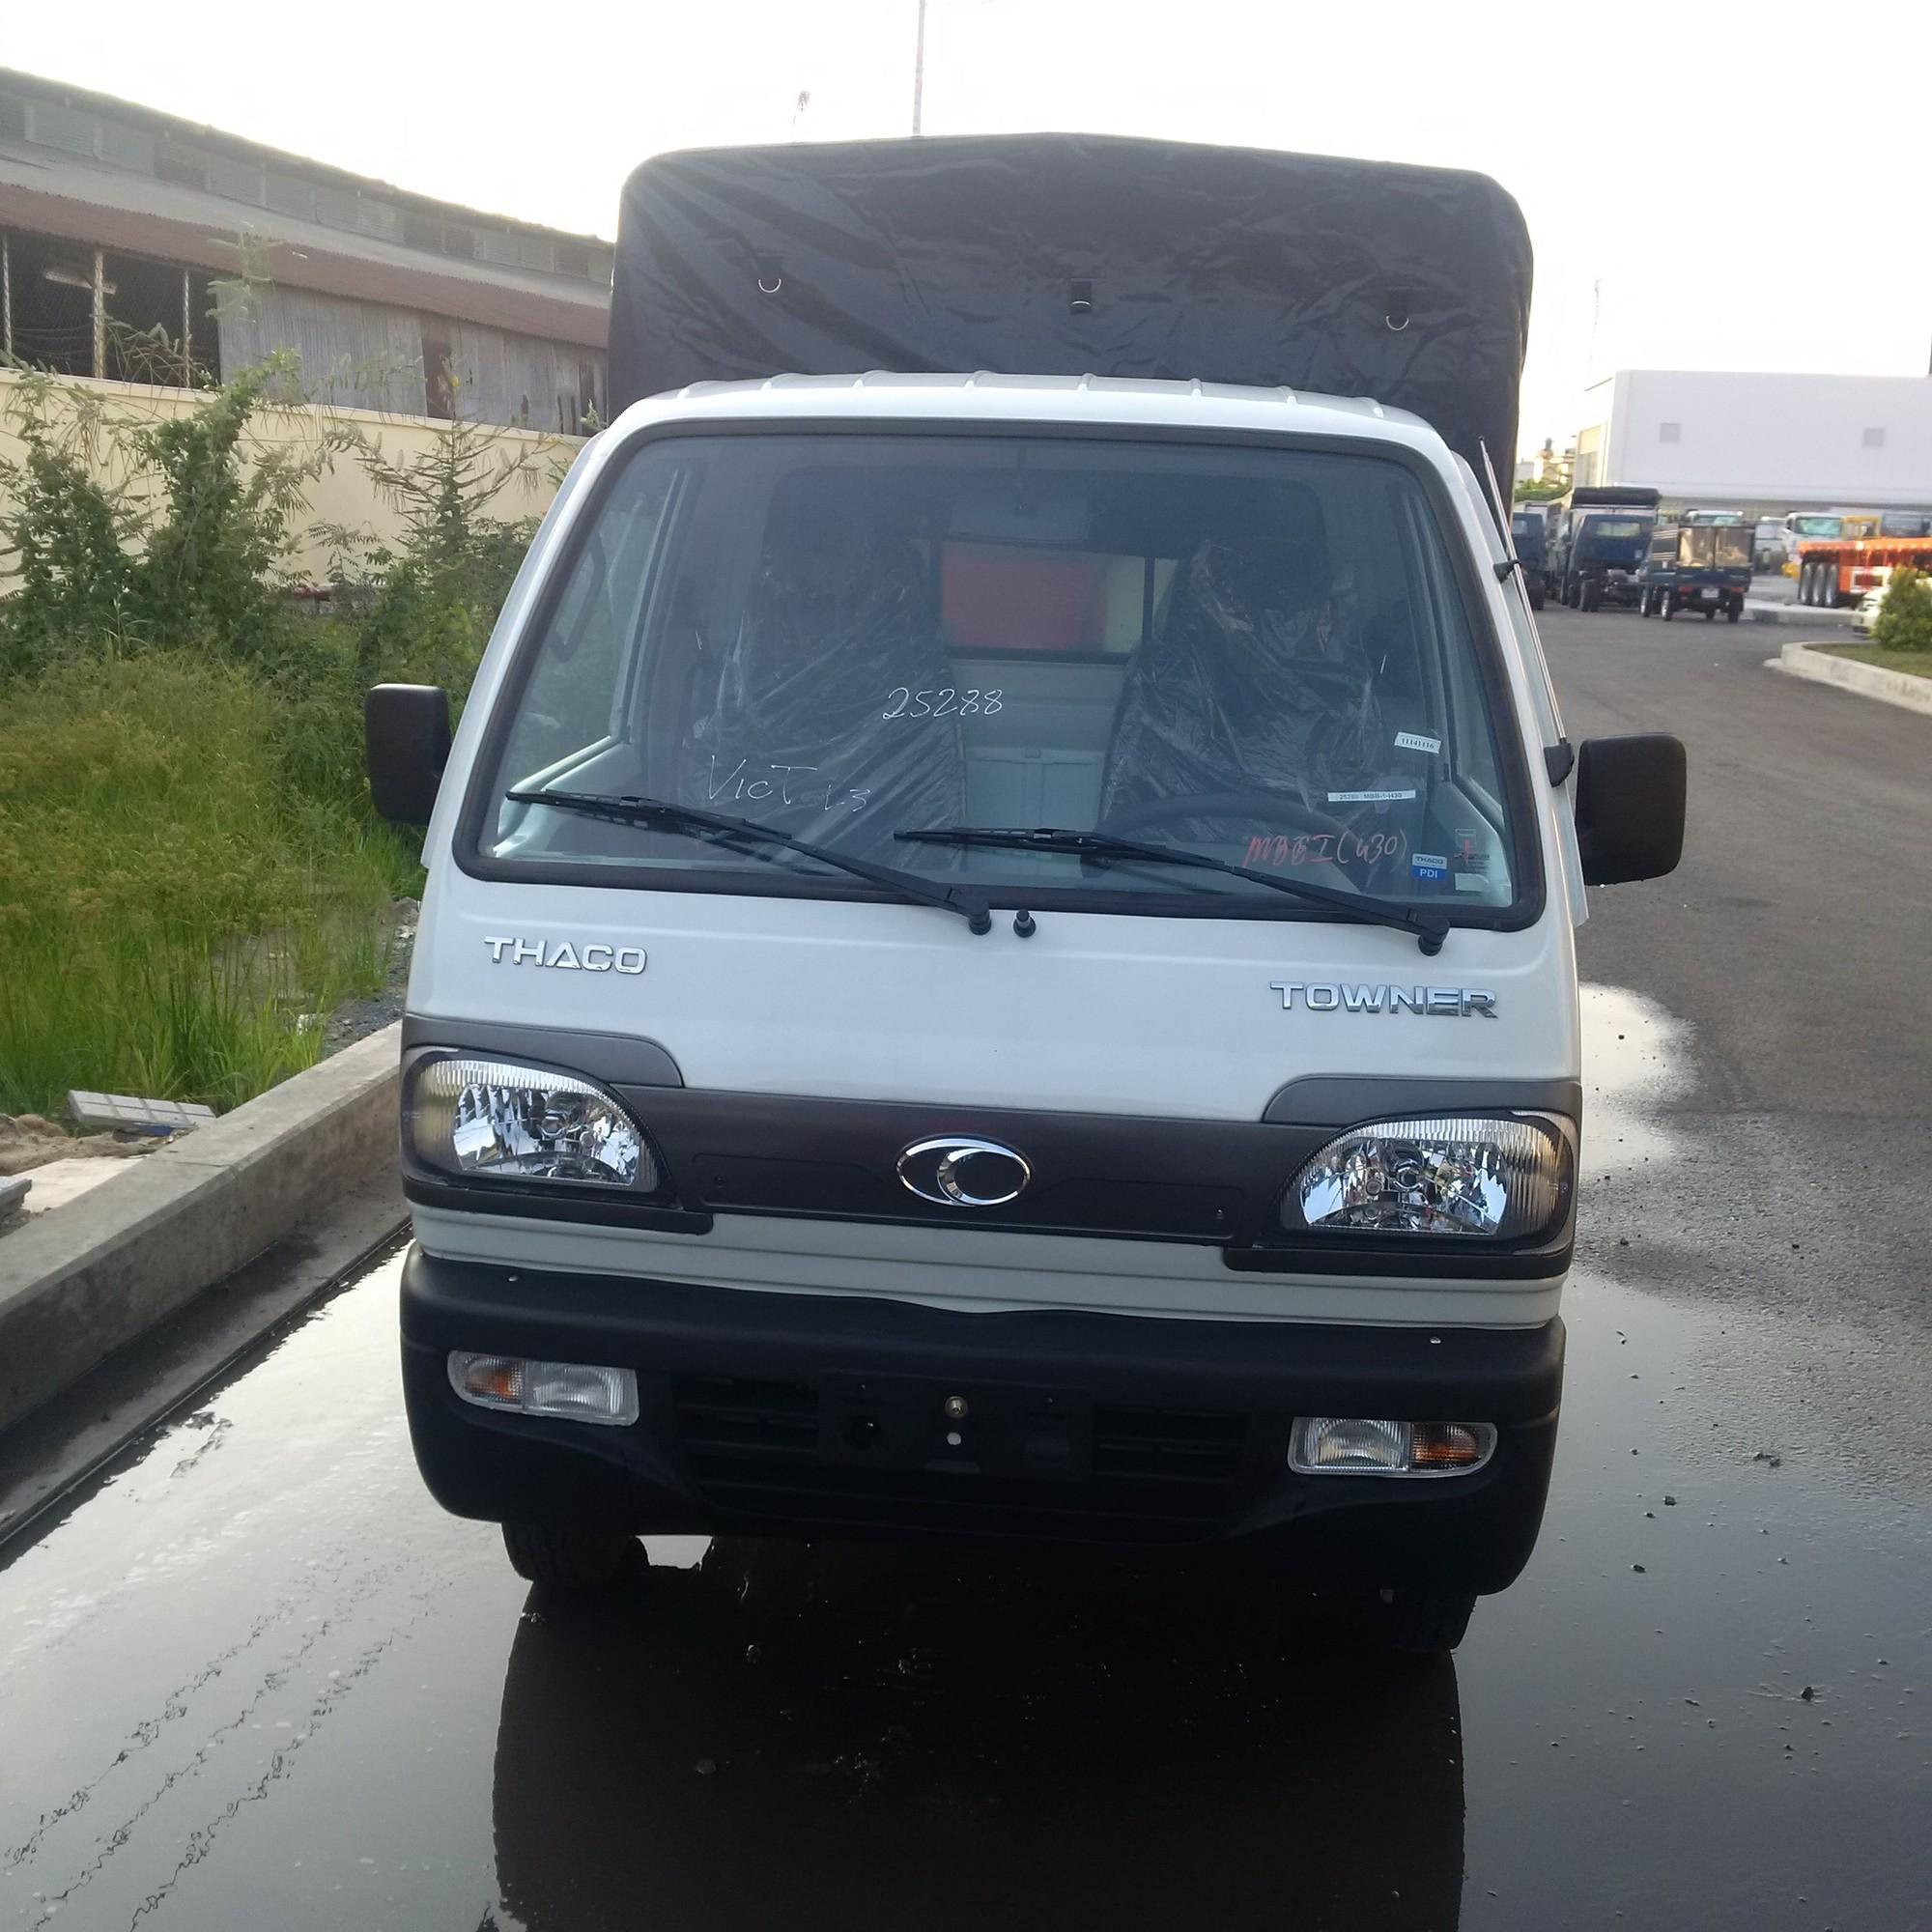 Bán xe towner750 thùng bạt 650kg máy xăng, phun xăng điện tử Ảnh số 40584527